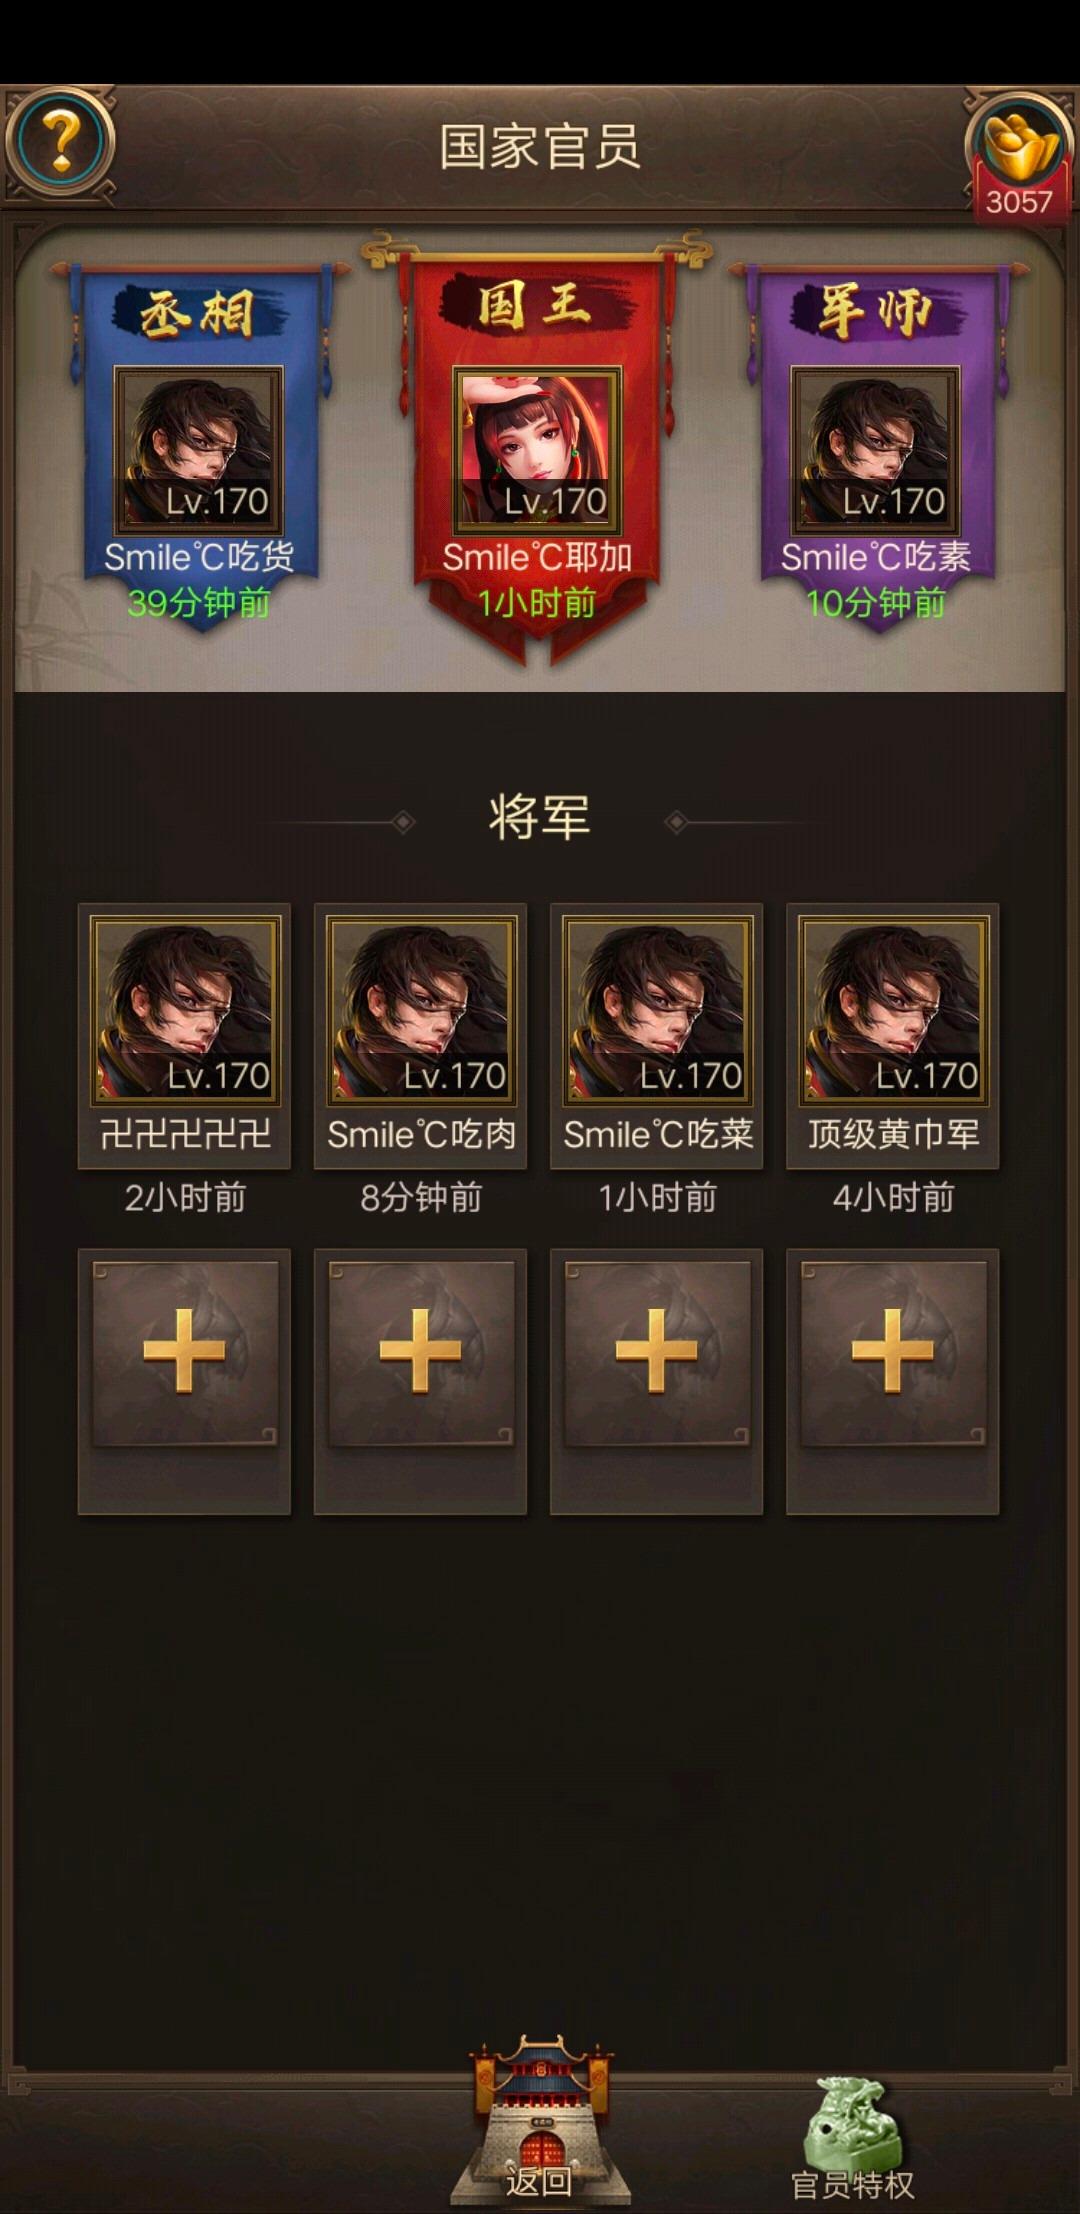 Screenshot_2019_0328_212317.jpg